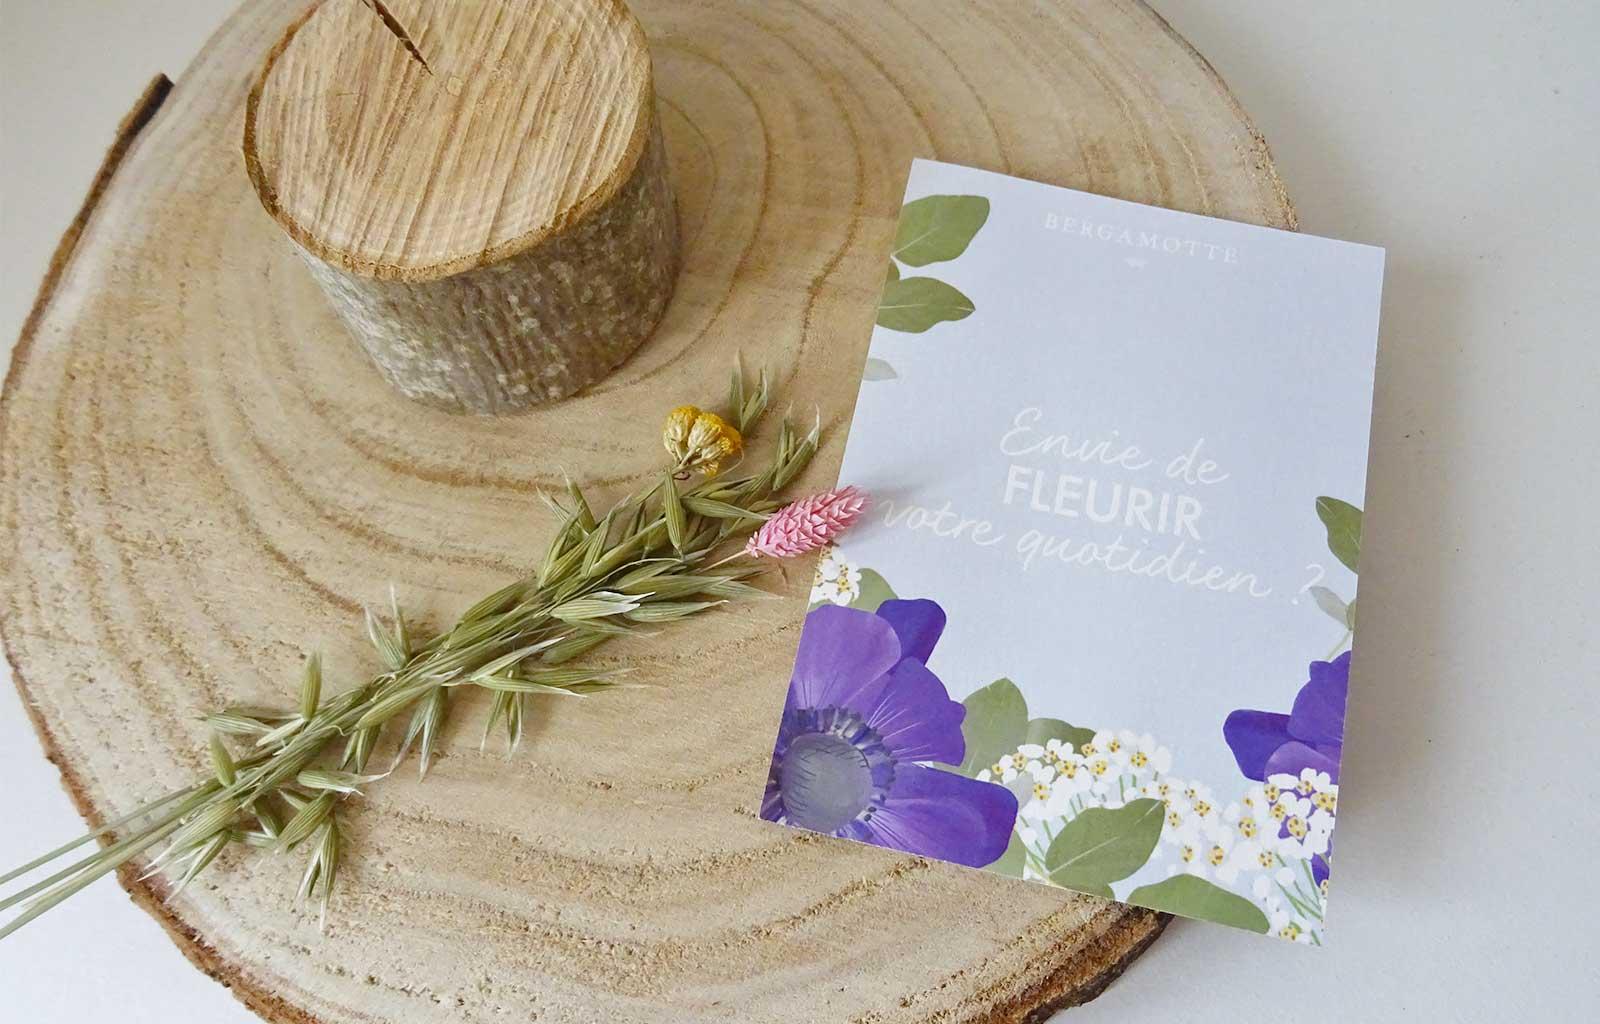 Prescription Lab fleurs sechées bergamotte